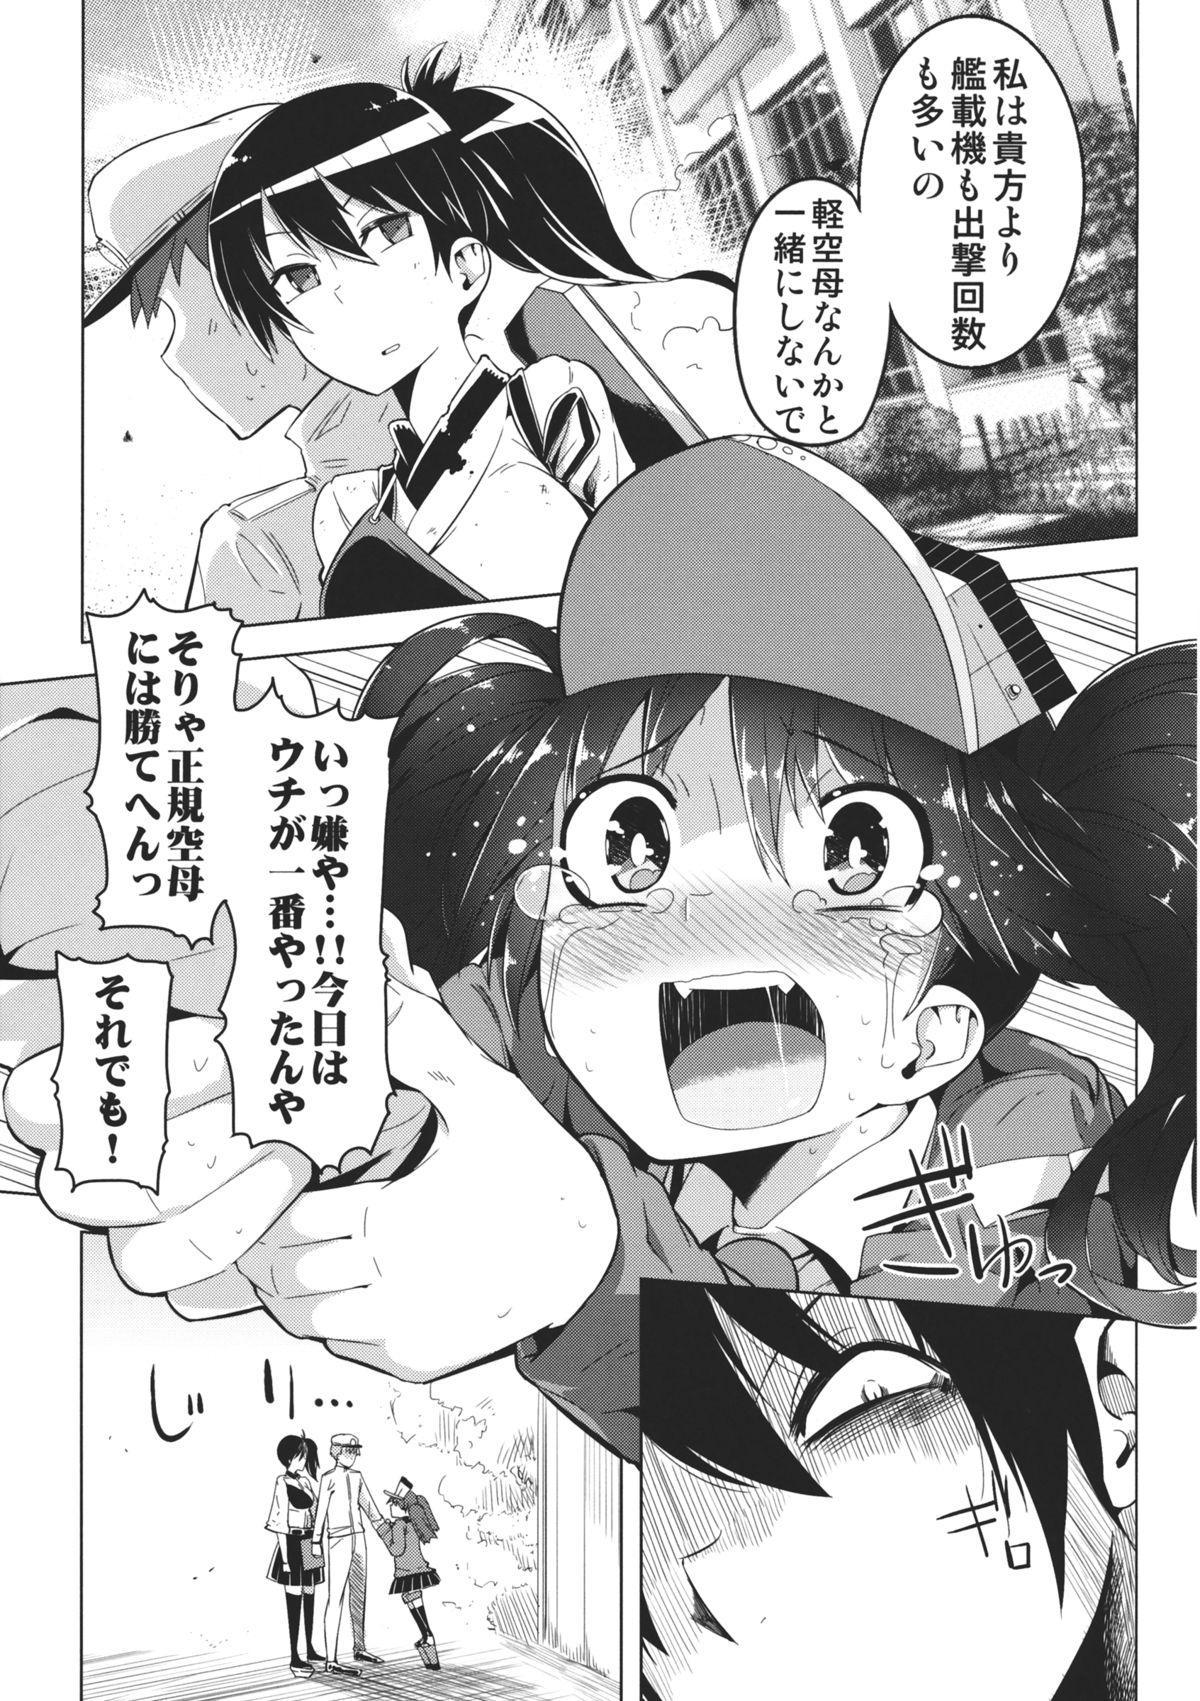 Koi suru Otome no Miryoku wa Mune dake janai. 3